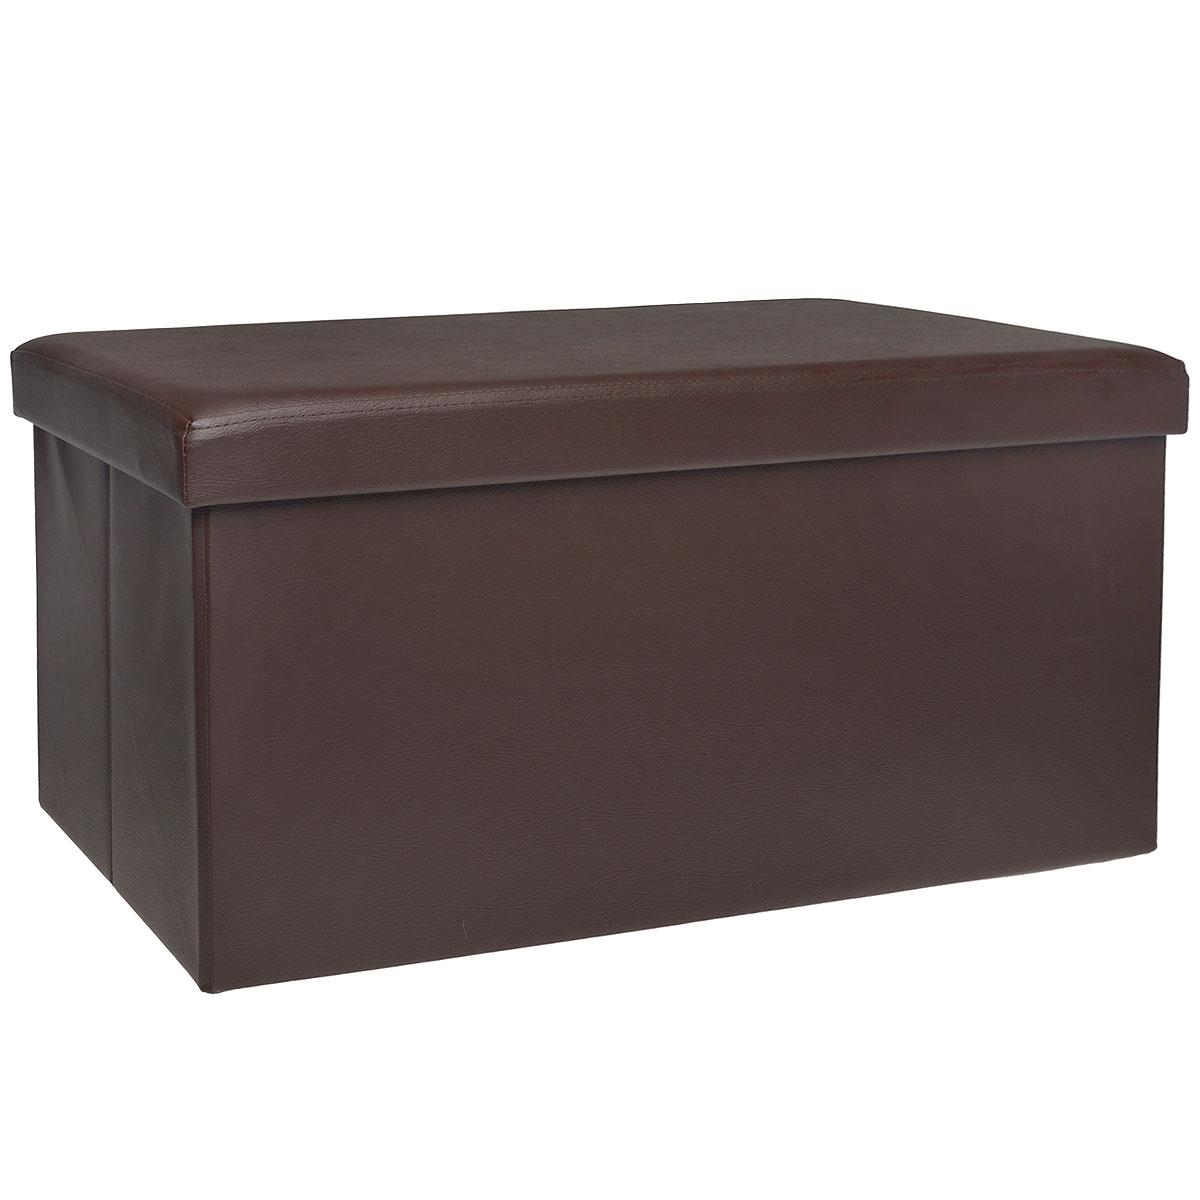 Пуфик Hausmann, с отделением для хранения, цвет: коричневый, 76 x 38 x 38 смCM000001326Пуфик Hausmann- это очень удобная система хранения вещей в виде пуфика (стульчик), выдерживающего до 200 кг. Пуфик выполнен из МДФ и обтянут одноцветной искусственной кожей. Для мягкого сидения верхняя часть набита поролоном. Такой пуфик станет оригинальным объектом интерьера вашей прихожей или комнаты.